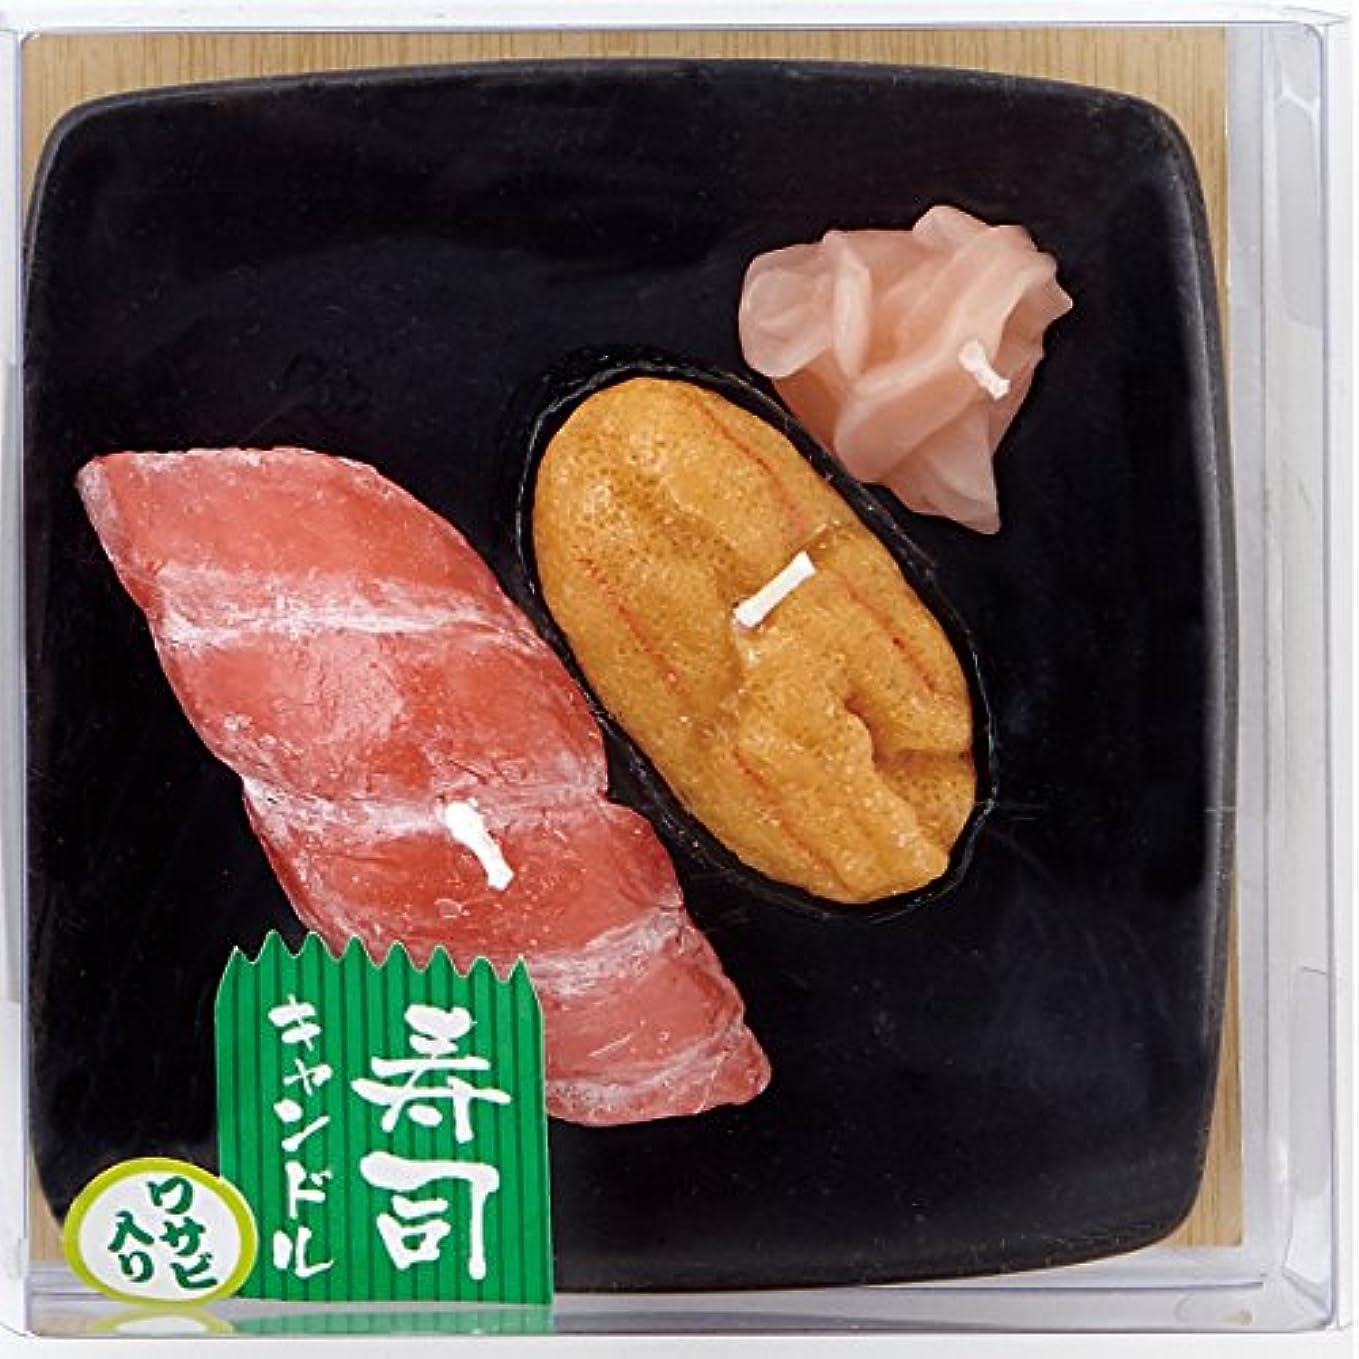 煙リマークインストラクター寿司キャンドル C(ウニ?大トロ) サビ入